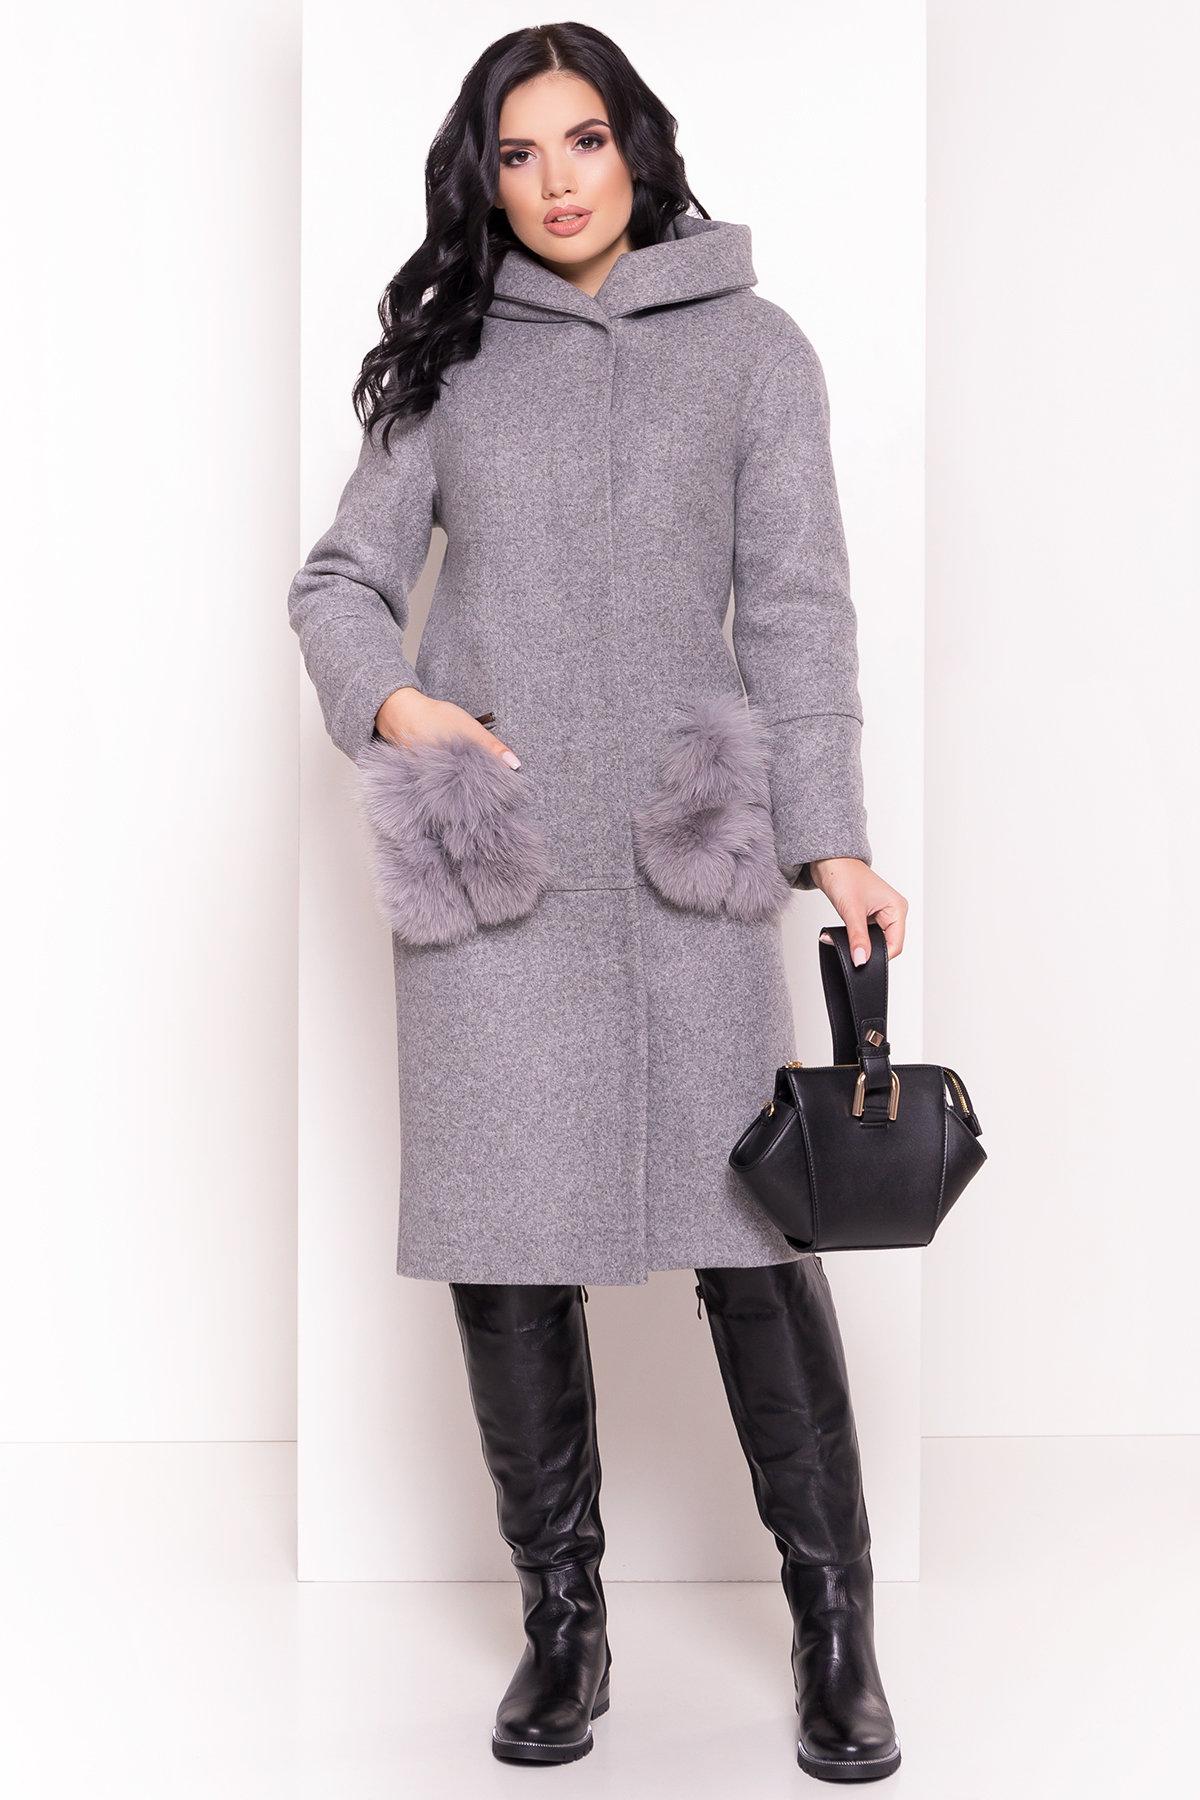 Пальто зима Анита 5762 АРТ. 38116 Цвет: Серый Светлый 77 - фото 4, интернет магазин tm-modus.ru